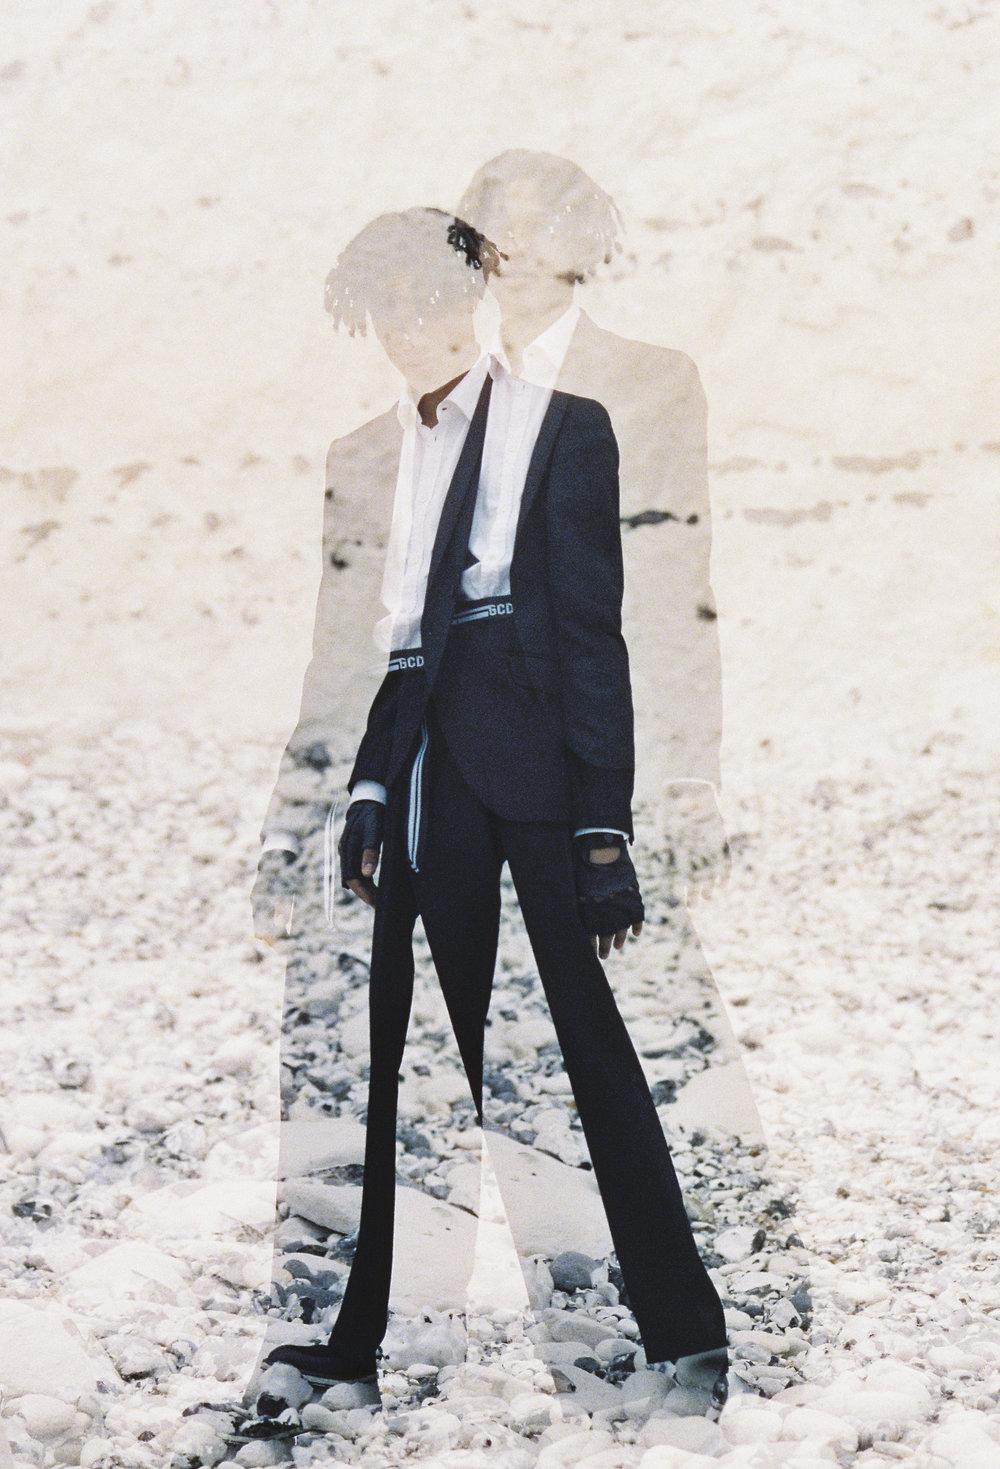 Chaqueta de  LES HOMMES , camisa y guantes de  DSQUARED2 , cinturón de  GCDS WEAR  y zapatos de  SENHOR PRUDENCIO .